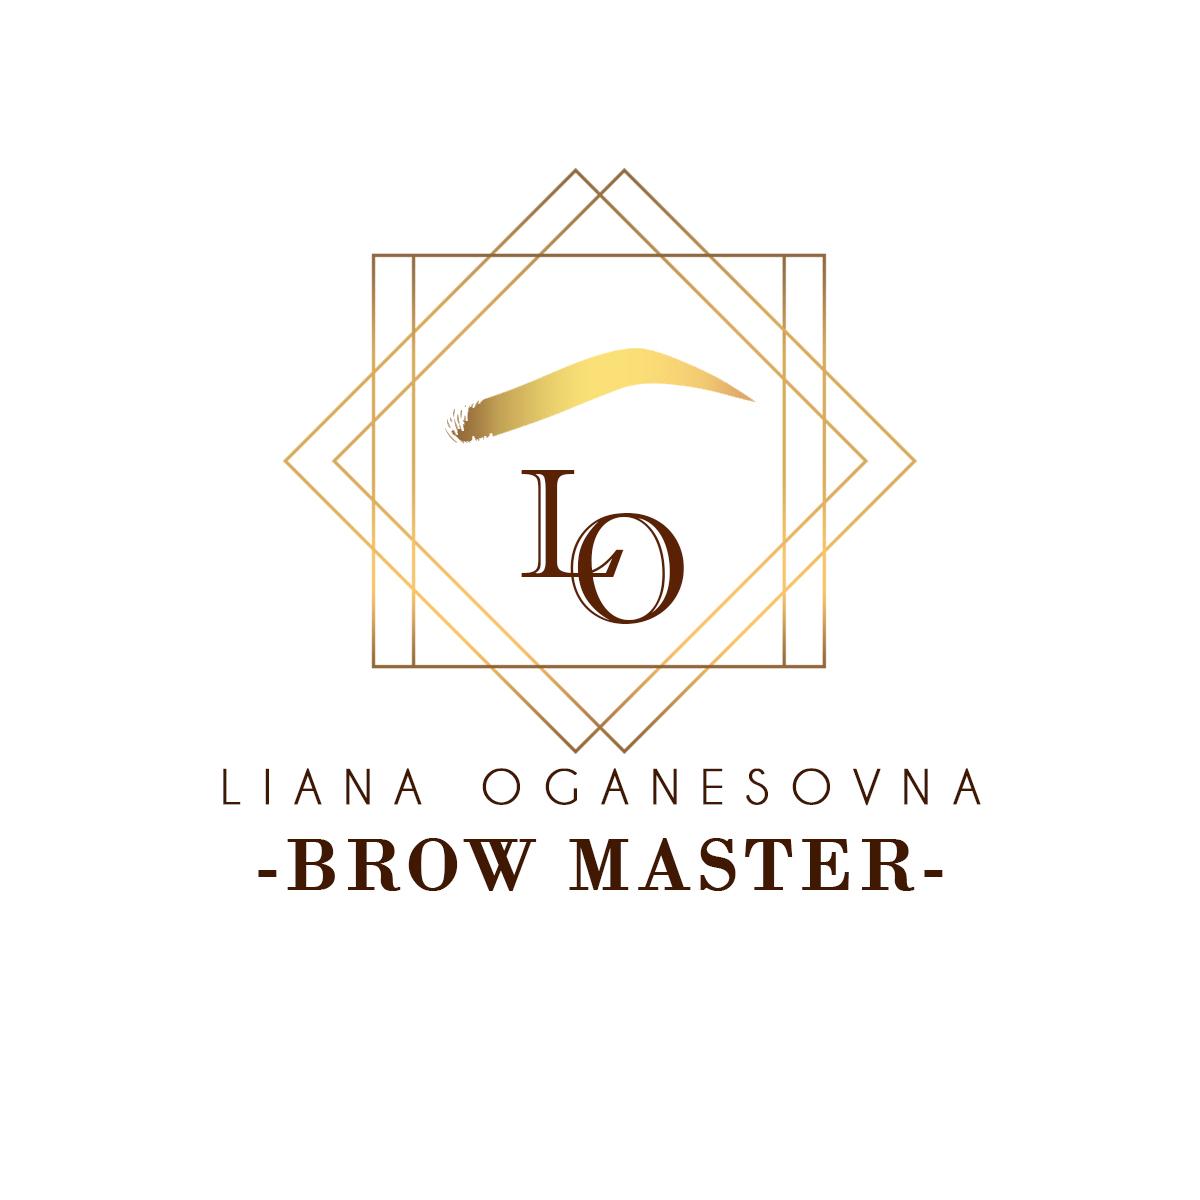 Brow Master Liana Oganesovna